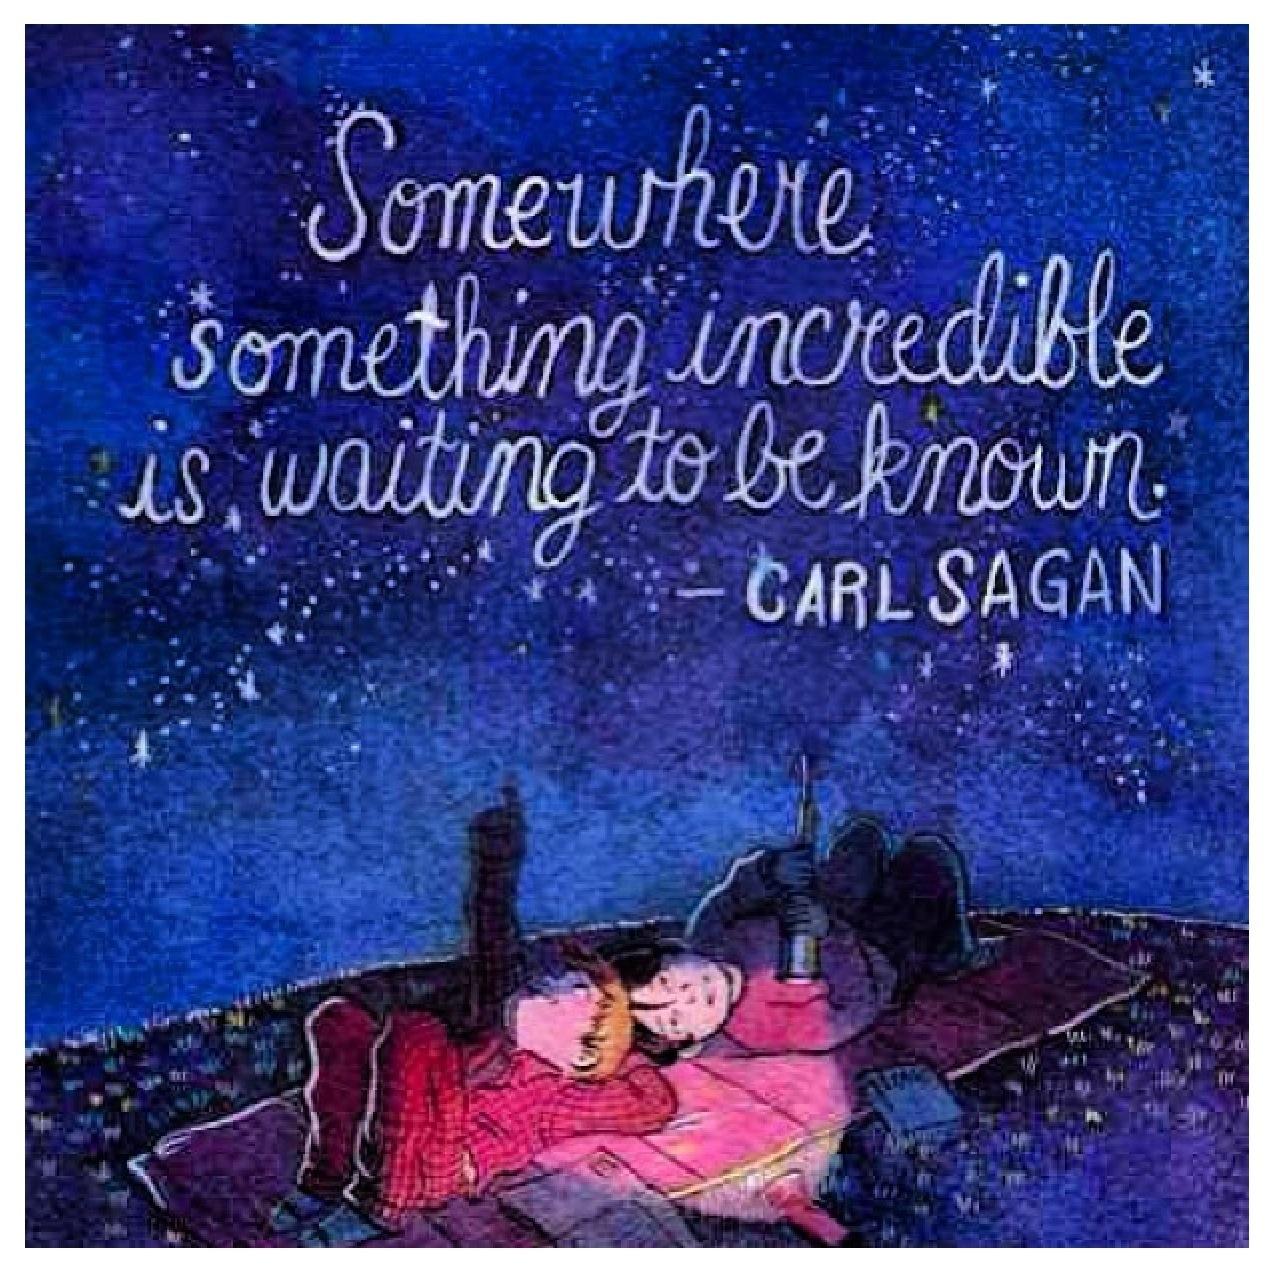 Carl Sagan - waiting to BE known